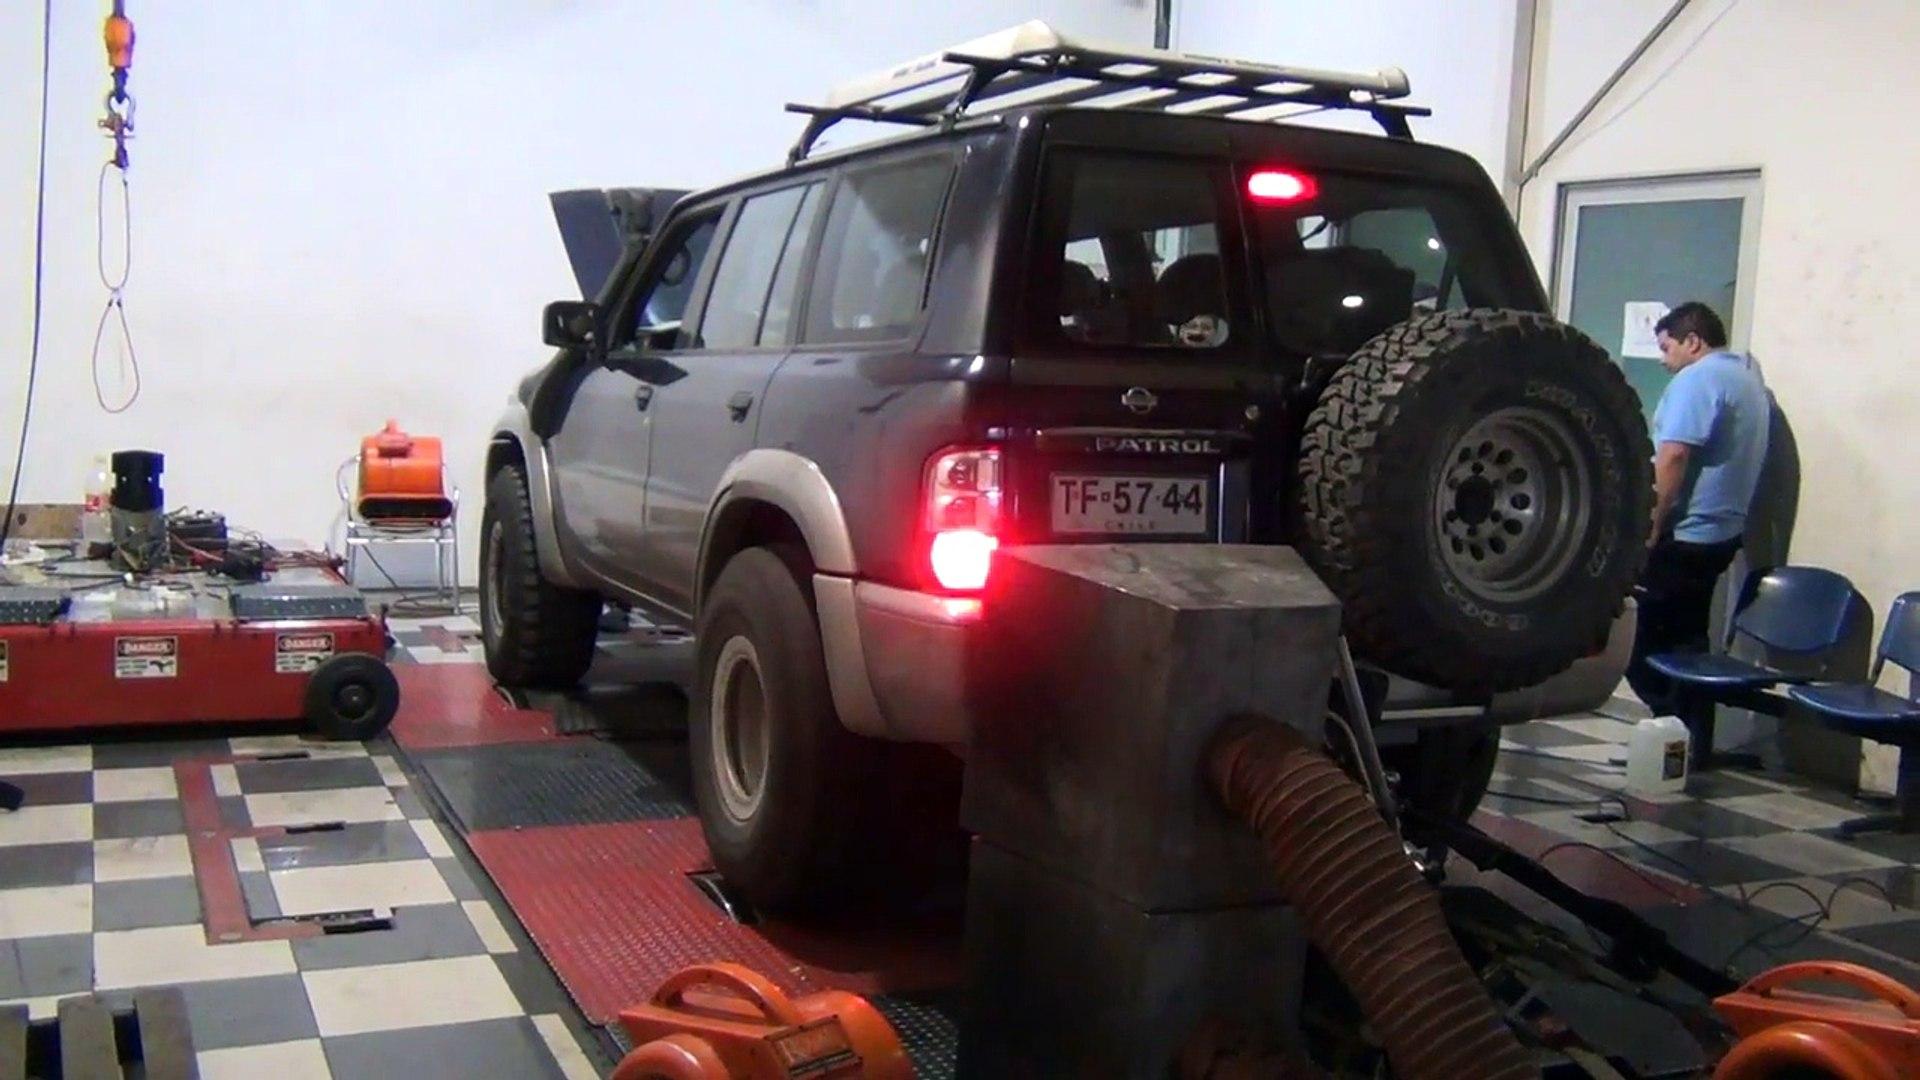 Turbo Kits Nissan Patrol Gq